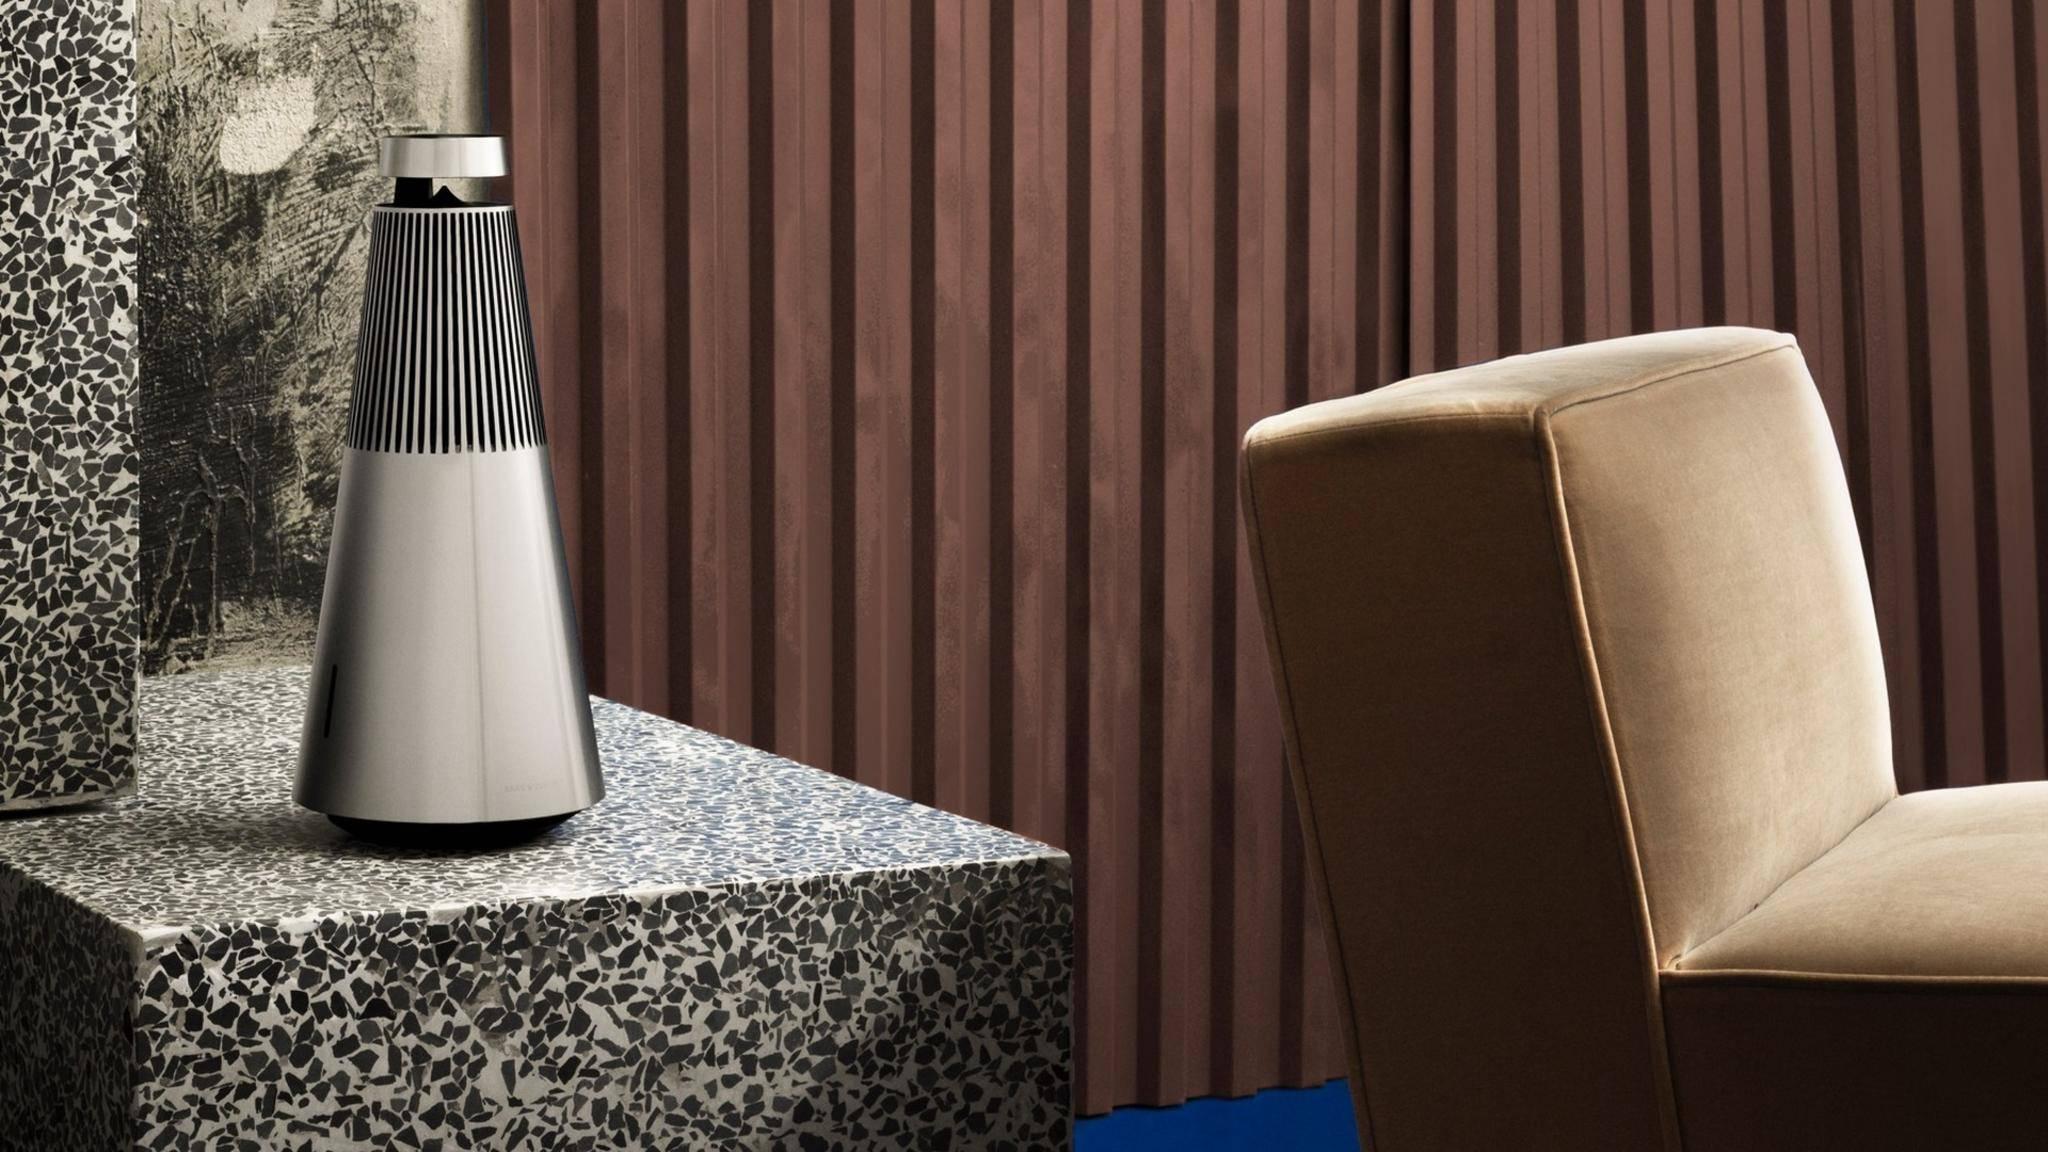 Die neuen BeoSound-Lautsprecher von Bang & Olufsen unterstützen den Google Assistant.